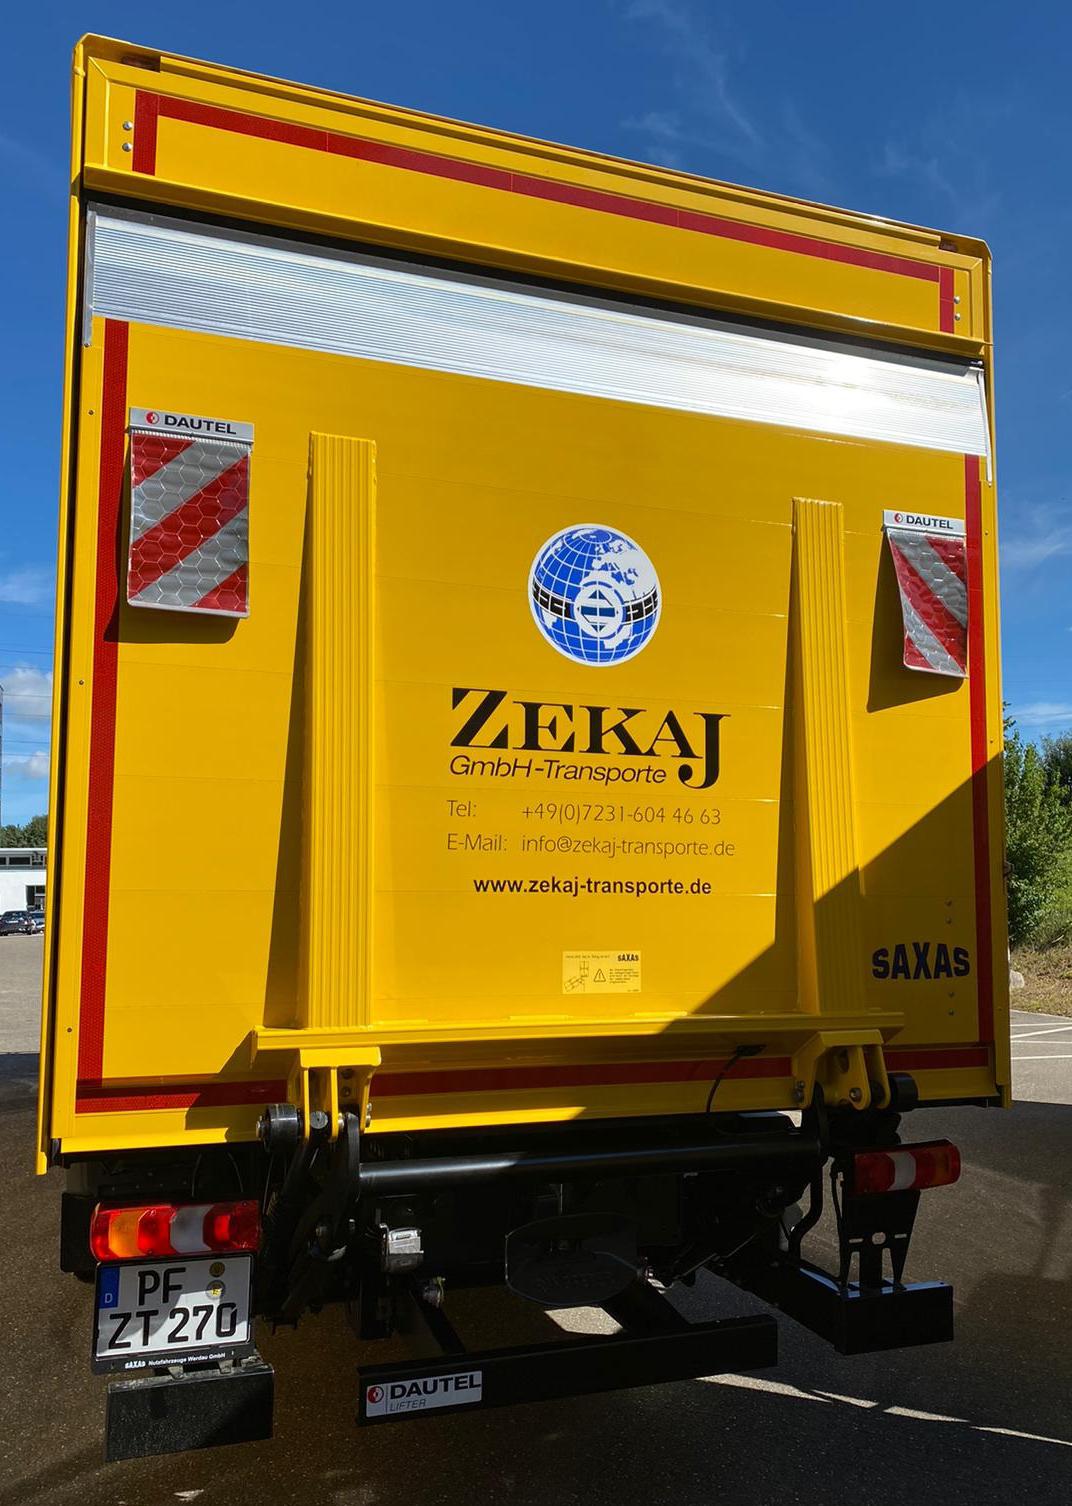 Zekaj GmbH - Fuhrpark Koffer-LKW